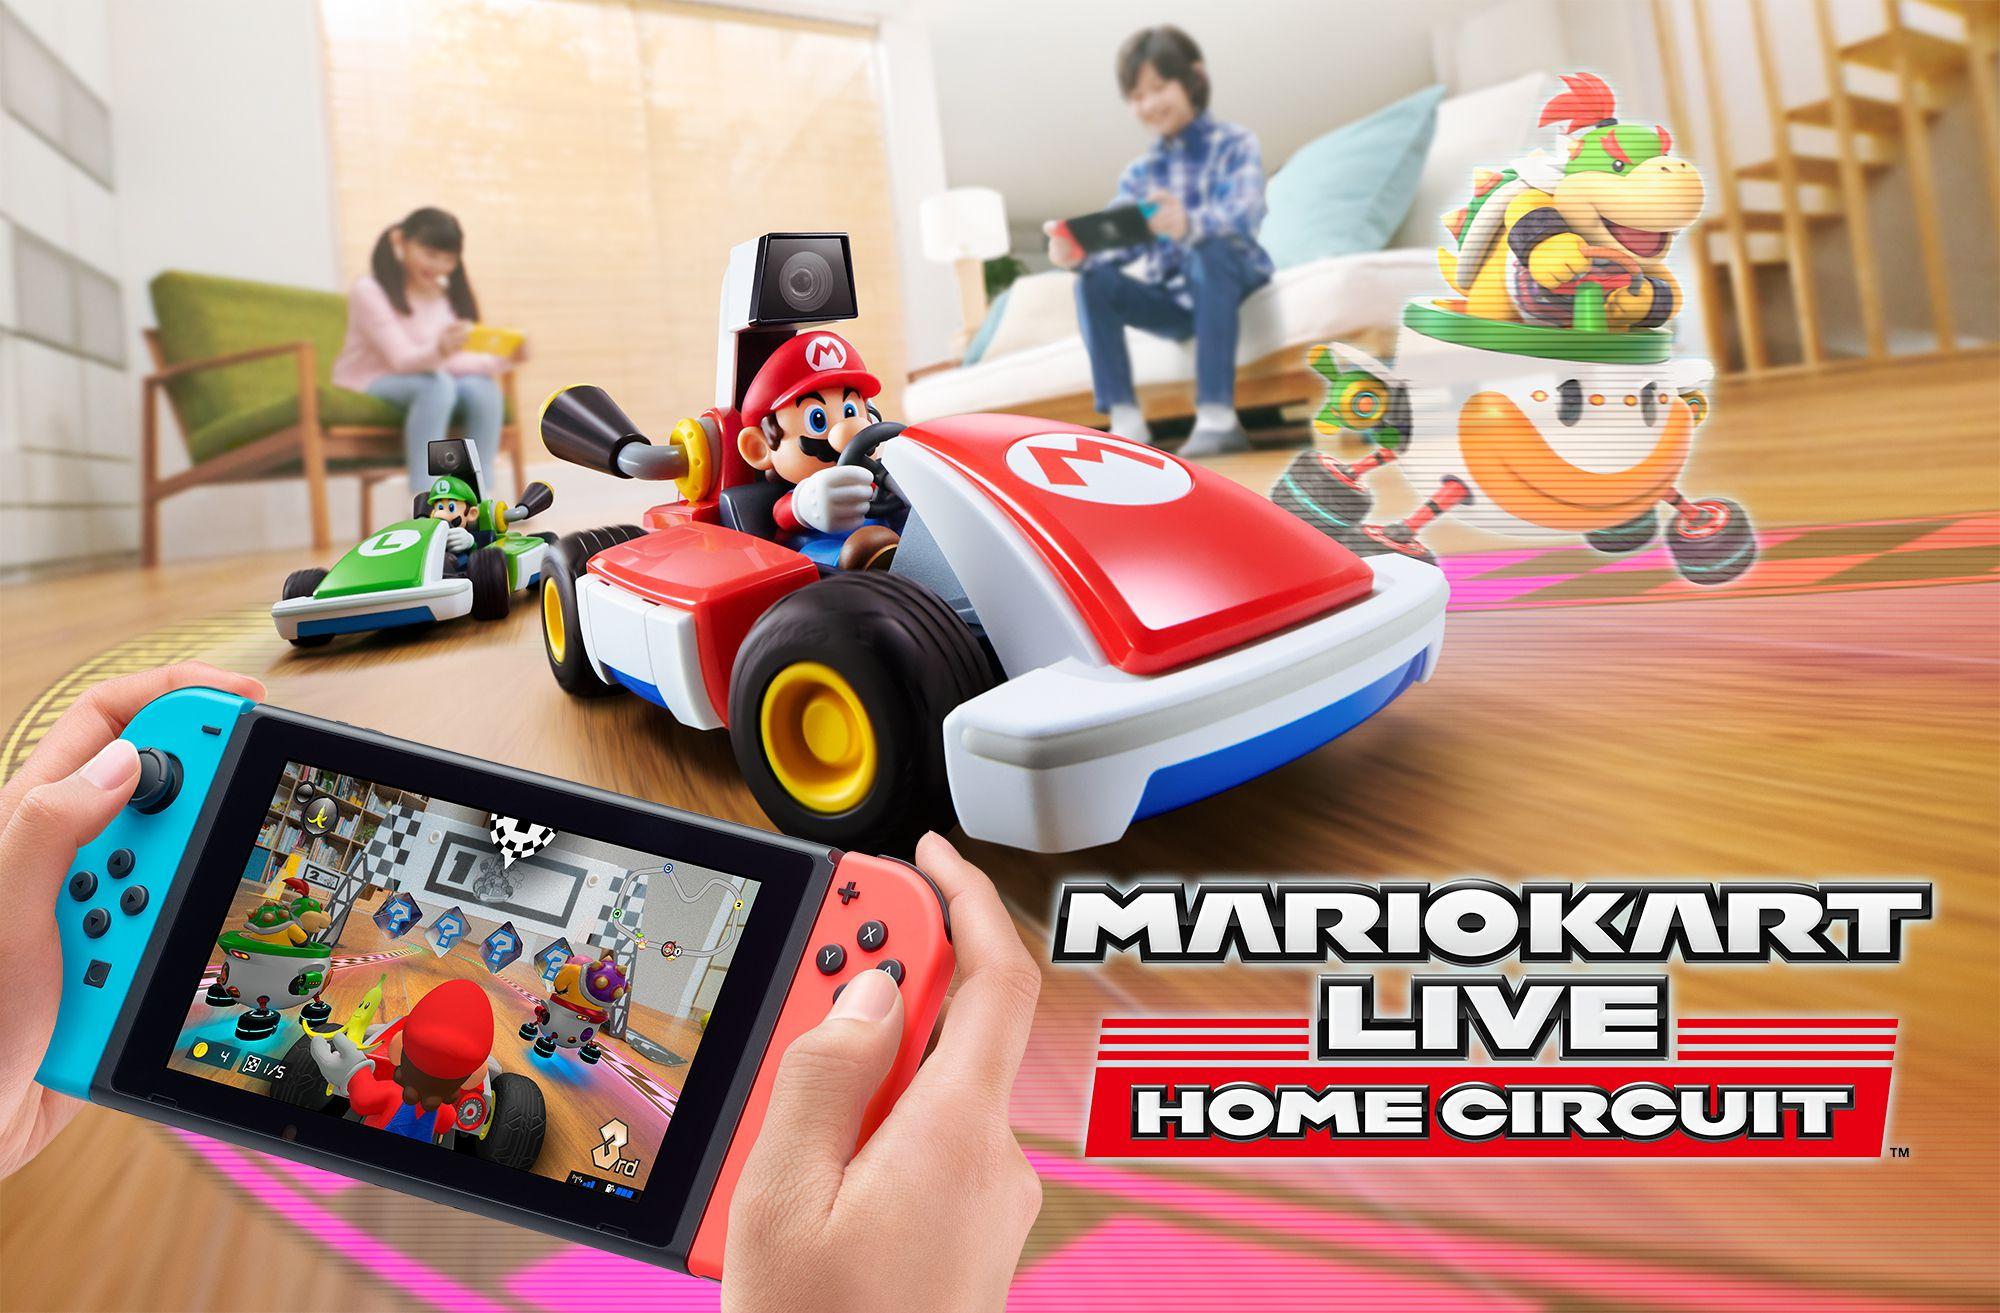 Mario Kart Live Home Circuit arriva ad ottobre, è un racer per Switch con dei kart telecomandati